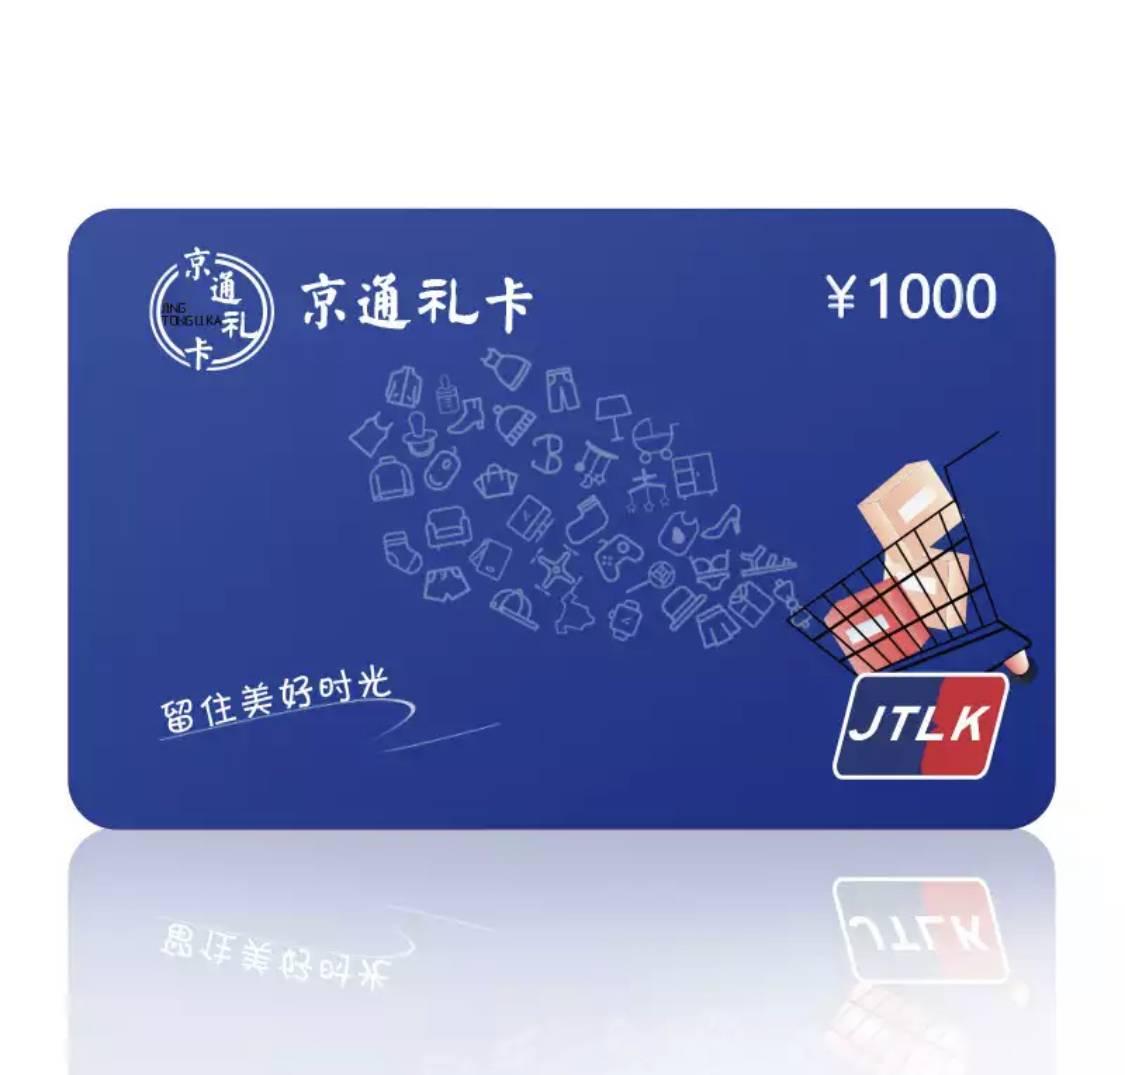 14日10点:京通礼卡 春节礼品卡 1000元现金卡    900元